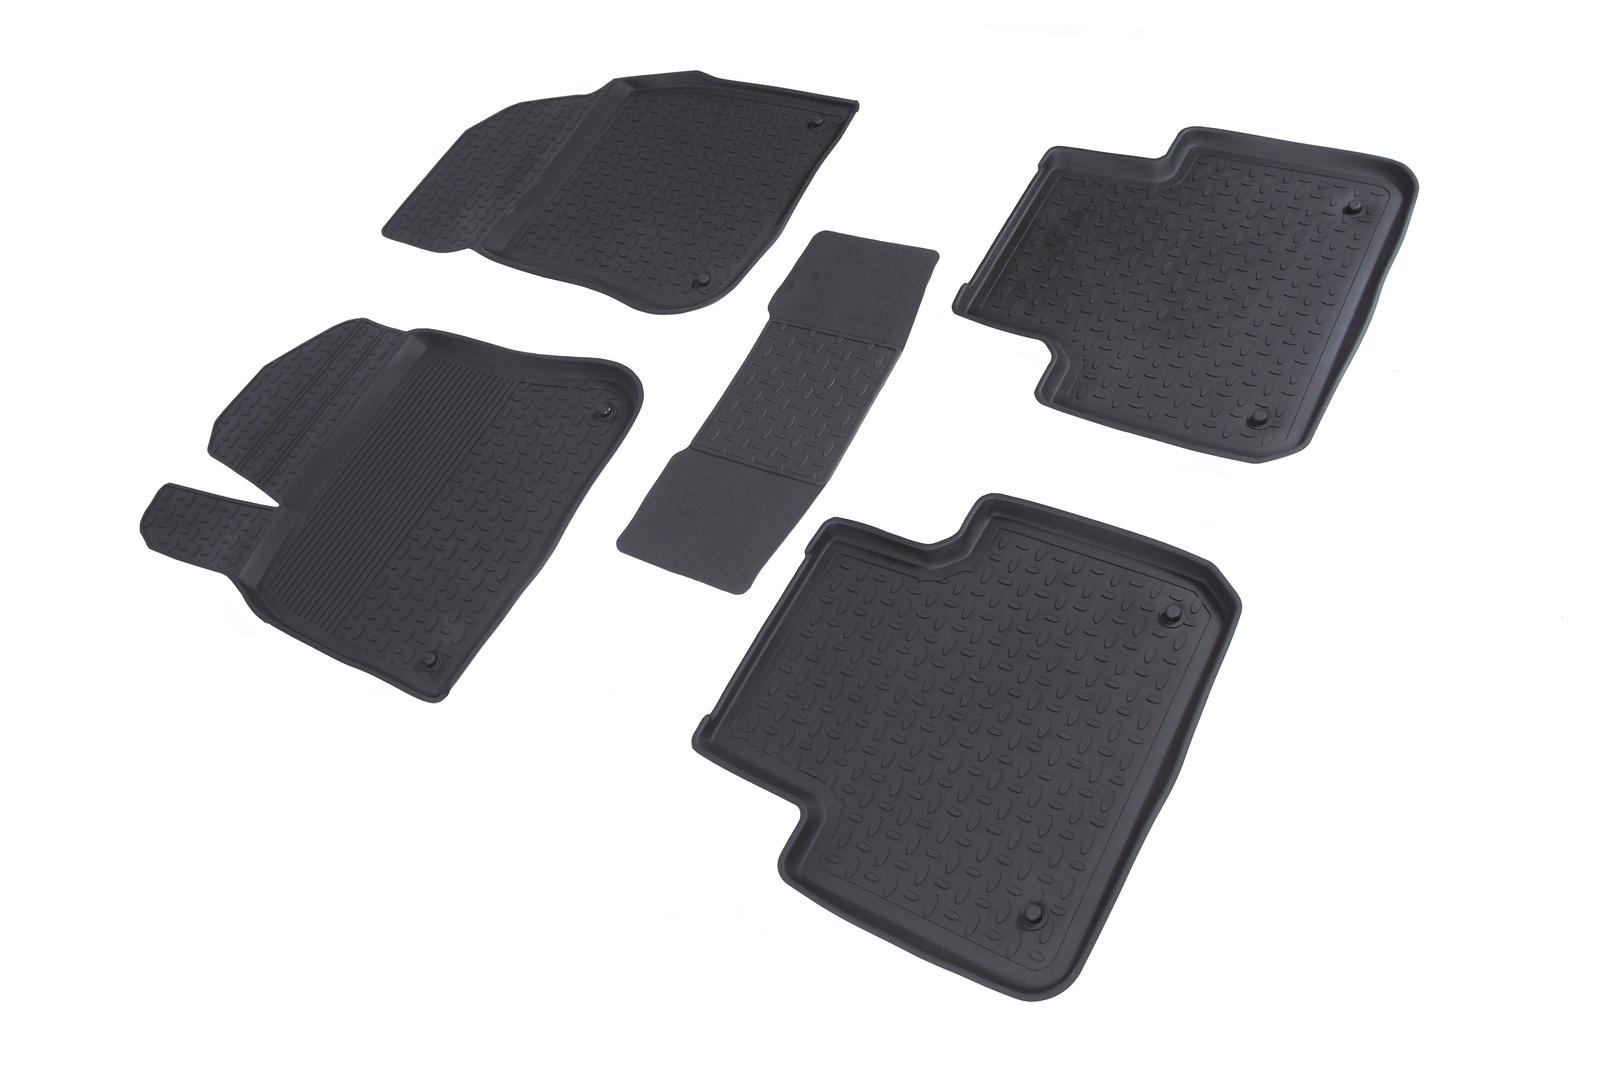 Коврики в салон автомобиля Seintex Резиновые коврики с высоким бортом для Nissan Pathfinder III 2004-2014